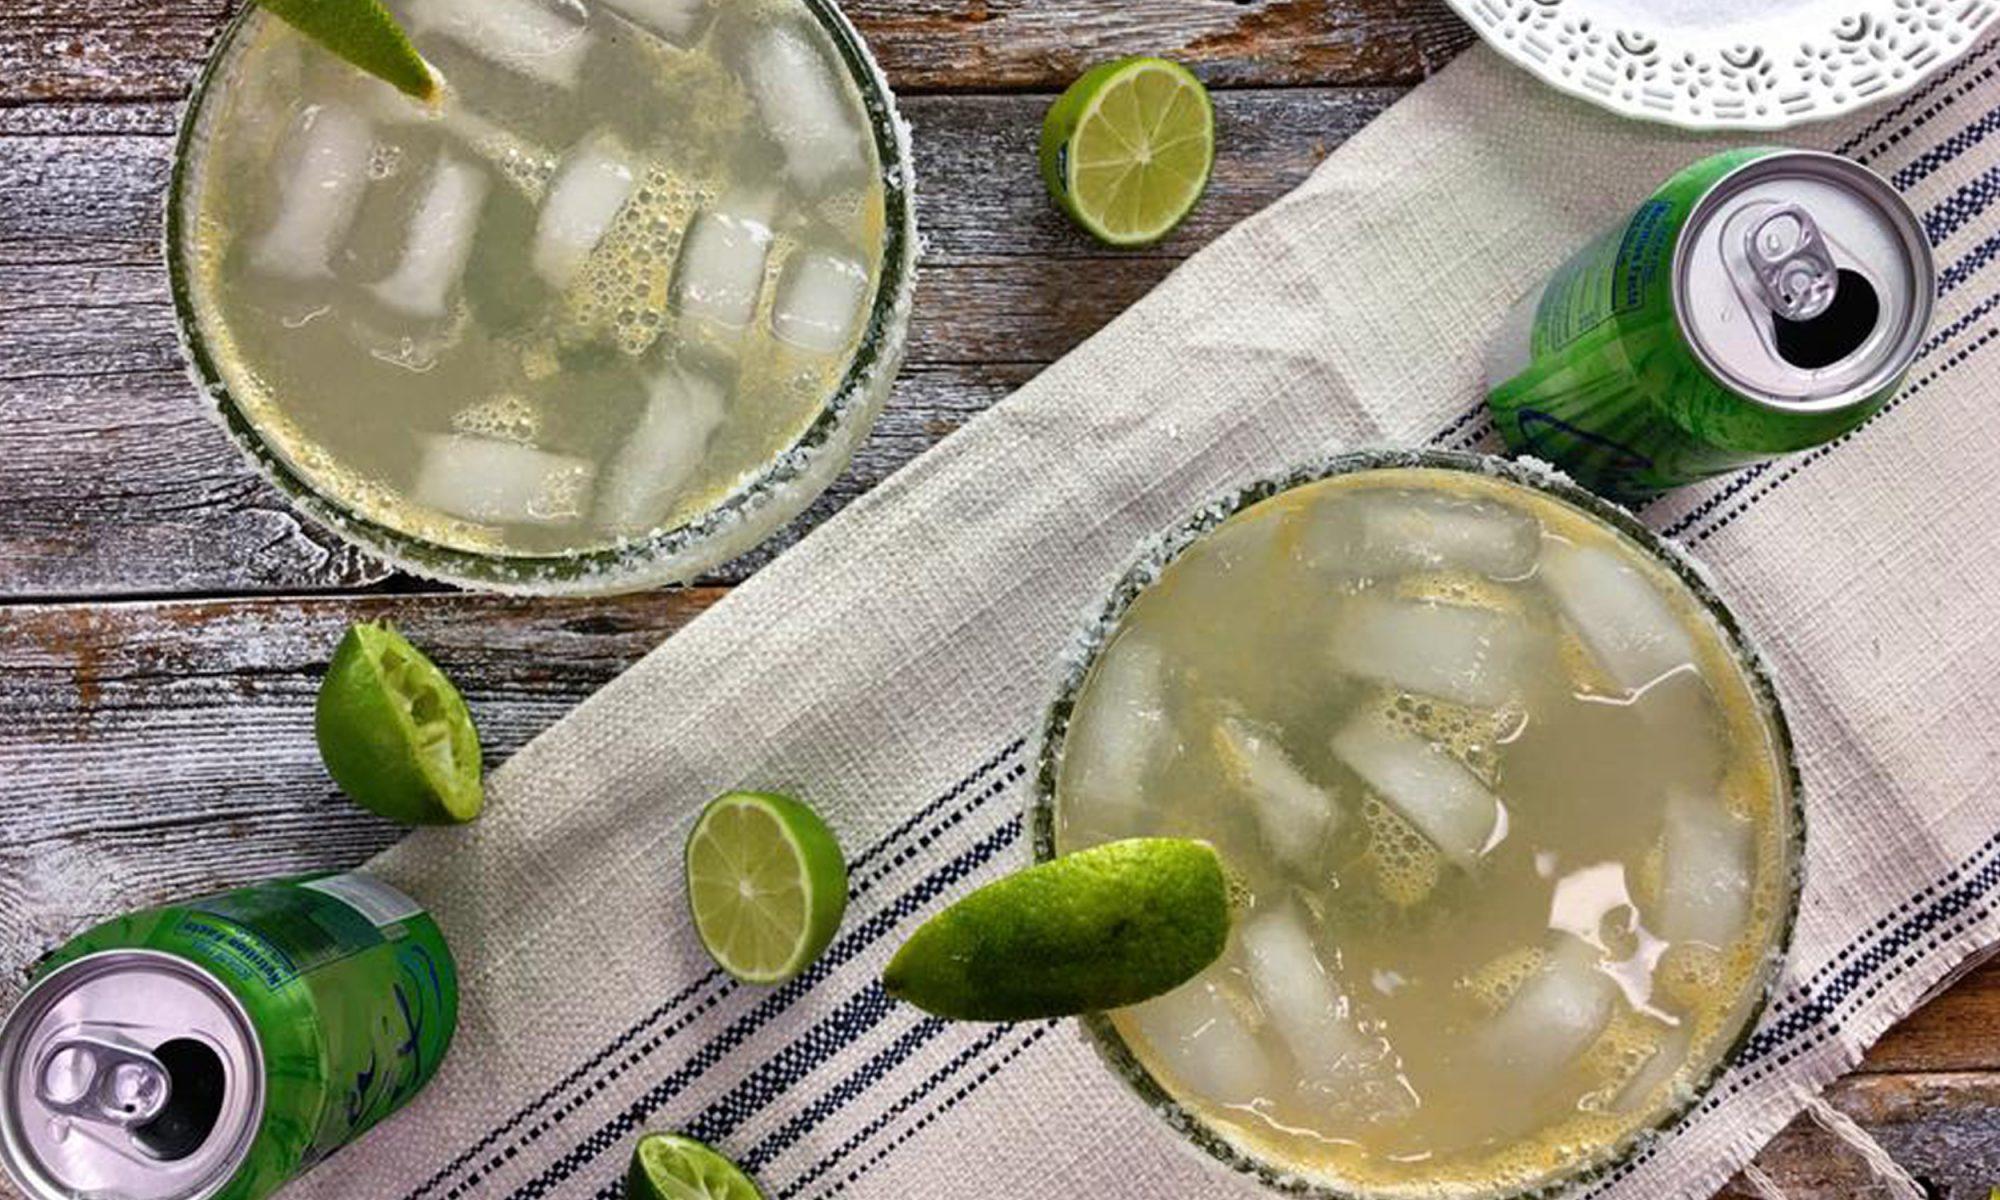 EC: La Croix Margaritas Are Magic